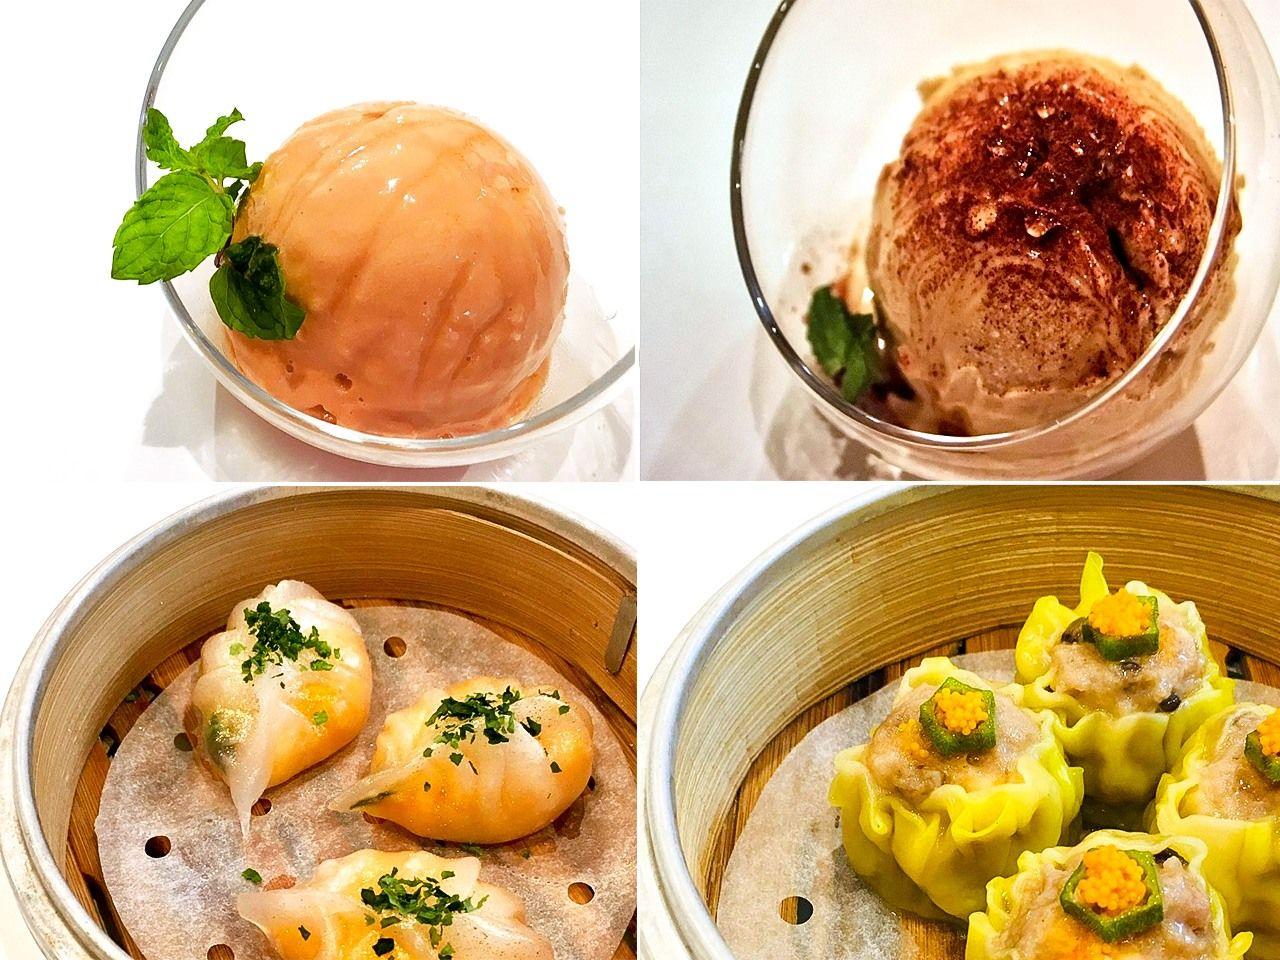 「火炎」の各種シューマイとアイスは全て鄧日成さんが手作りしたもの。日本人により身近に香港の飲食文化を伝えられたらと願っている(筆者撮影)